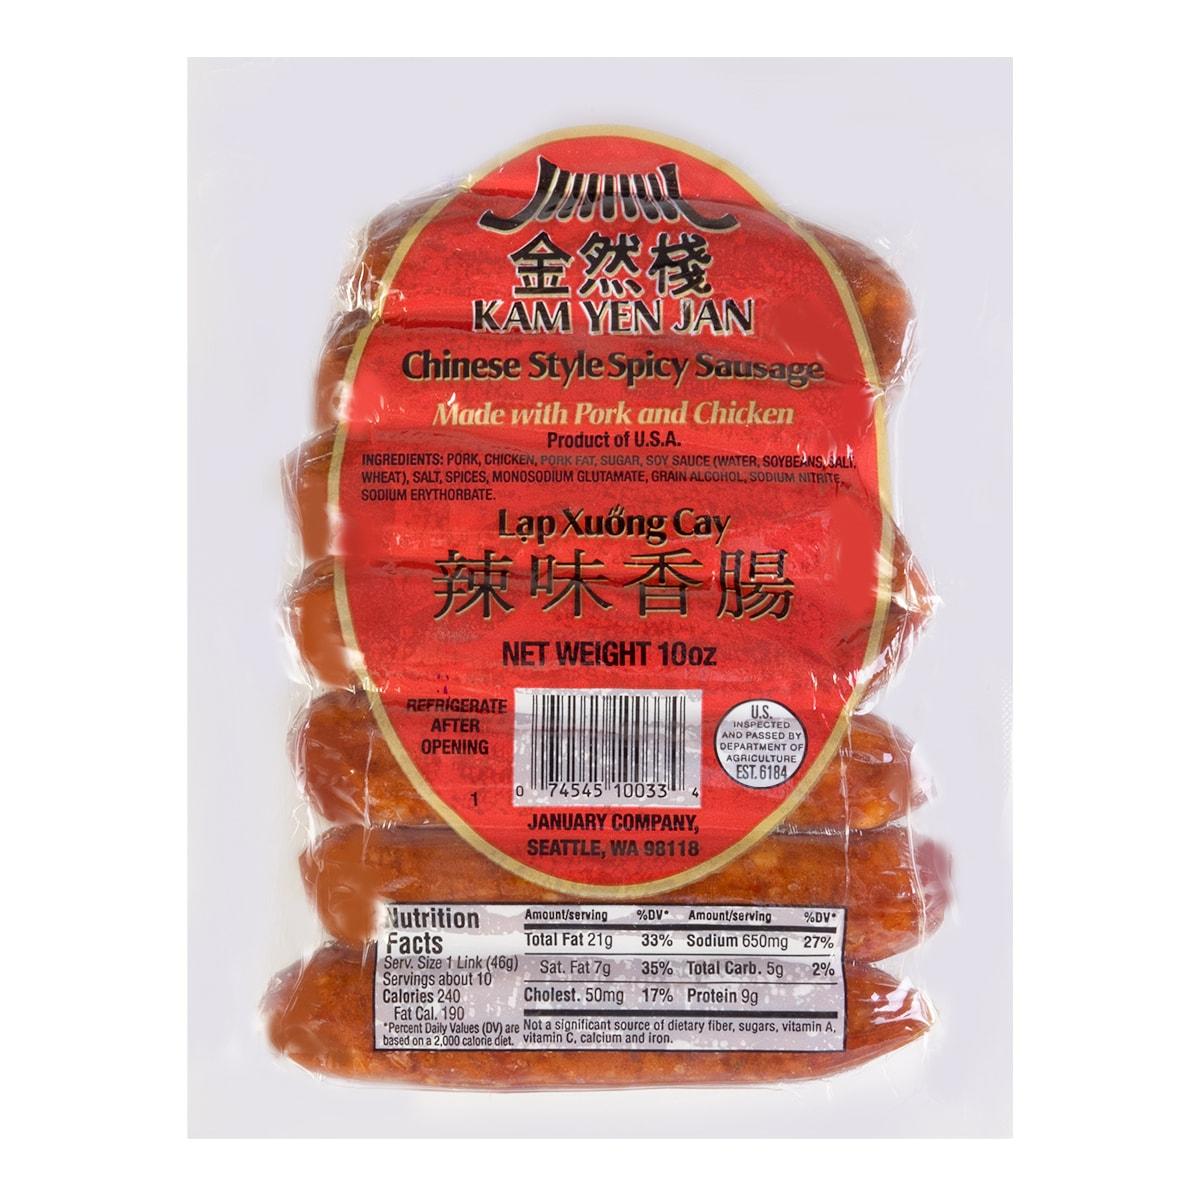 KAMYENJAN Chinese Sausage Spicy 283g USDA Certified